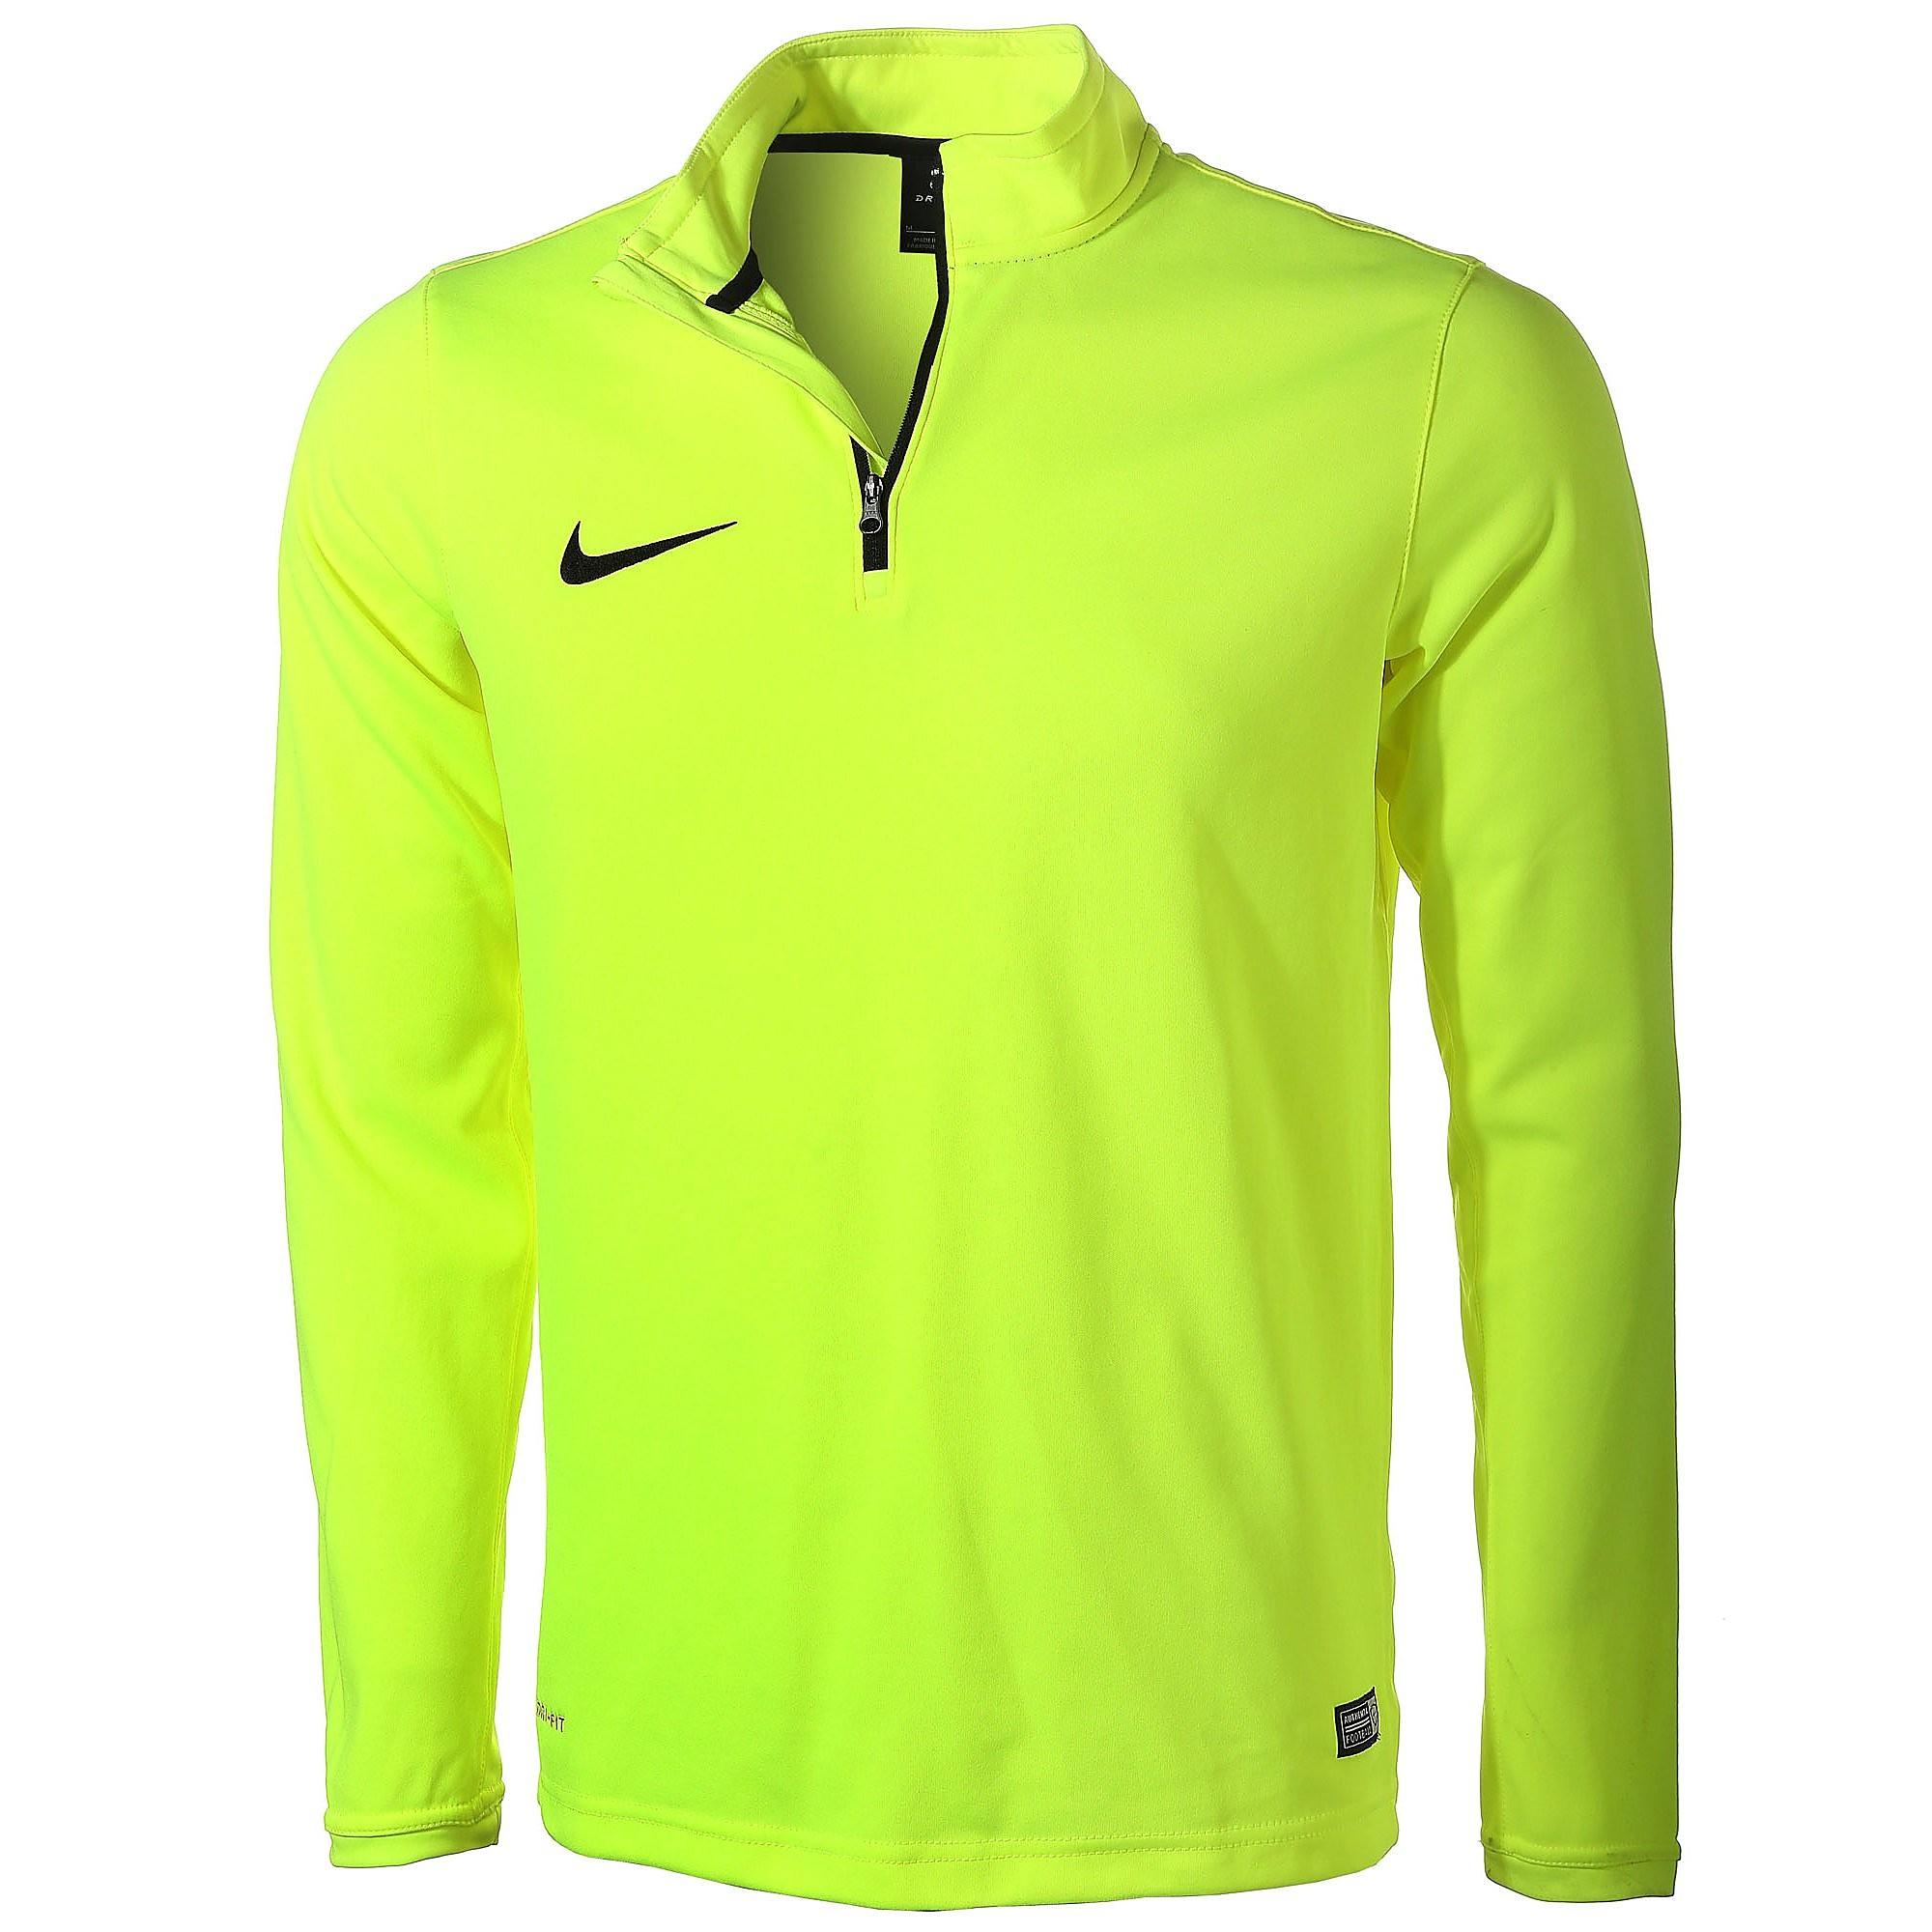 Nike ACADEMY MIDLAYER TOP